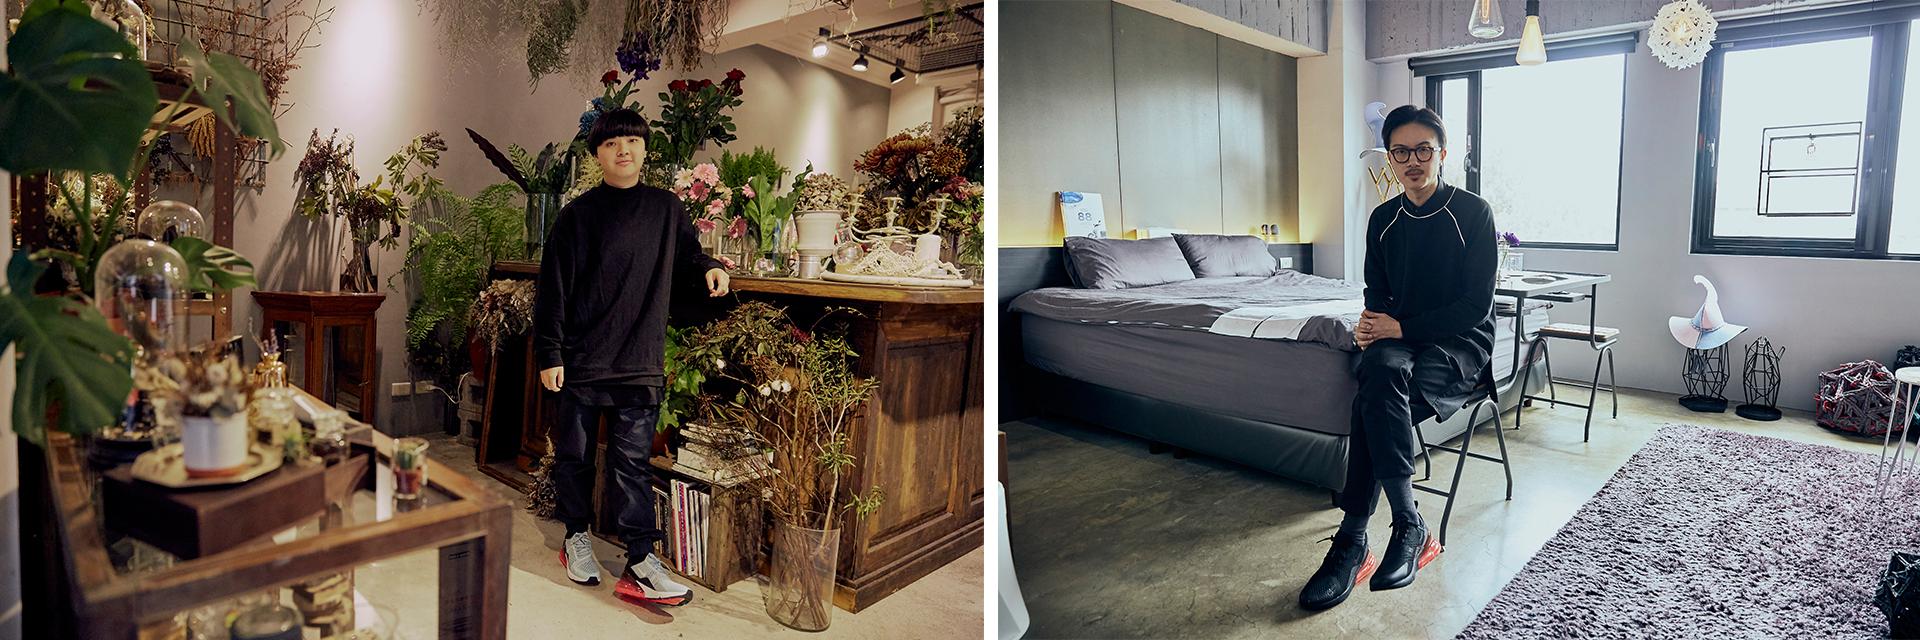 台北 2 大人氣打卡點揭密!「花疫室」、「玩味旅舍 Future Lab」兩大設計師 Kris & Paul 用想像創造空間